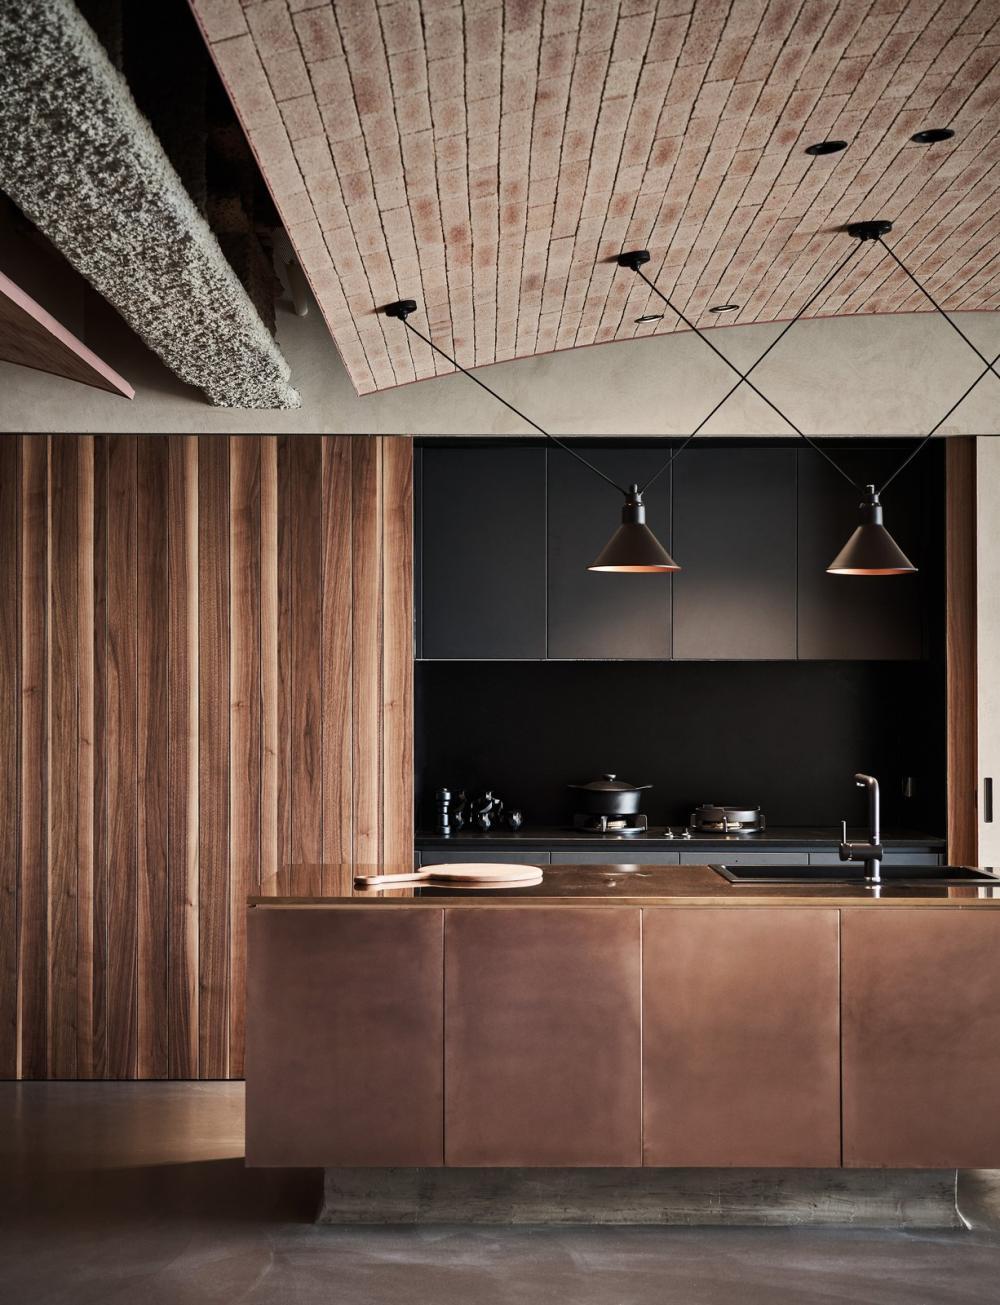 Phòng bếp lấy tông màu nâu làm chủ đạo, tạo ra một không gian hết sức cá tính